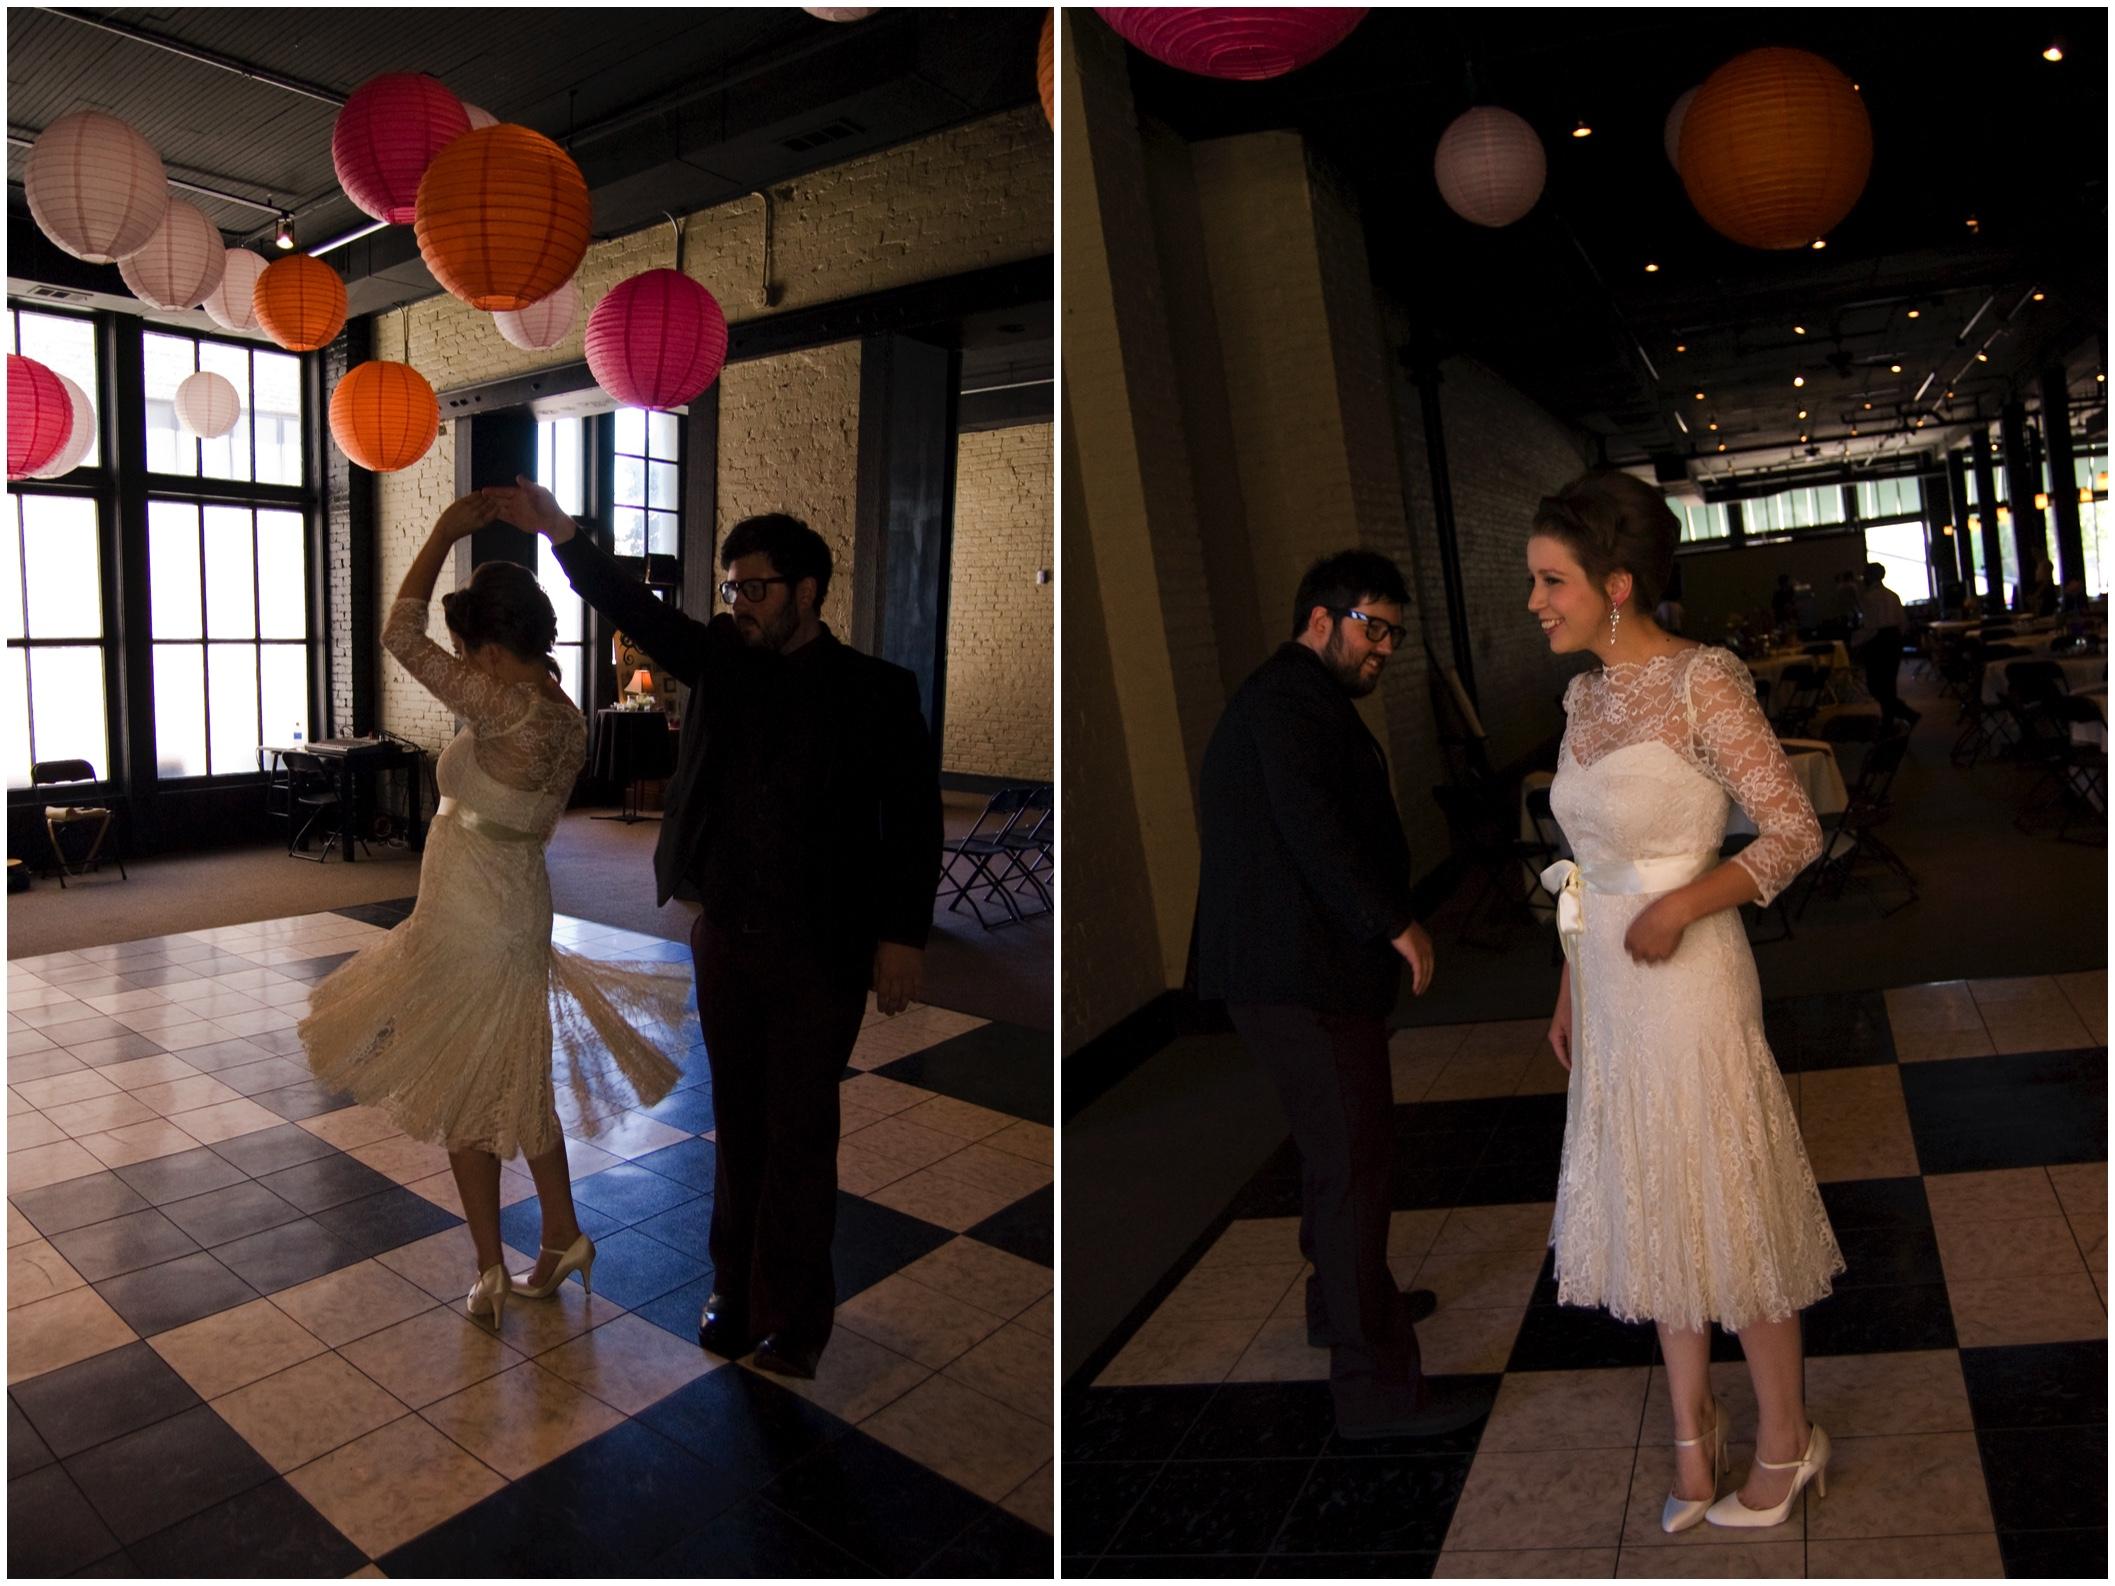 wedding dancing diptic.jpg